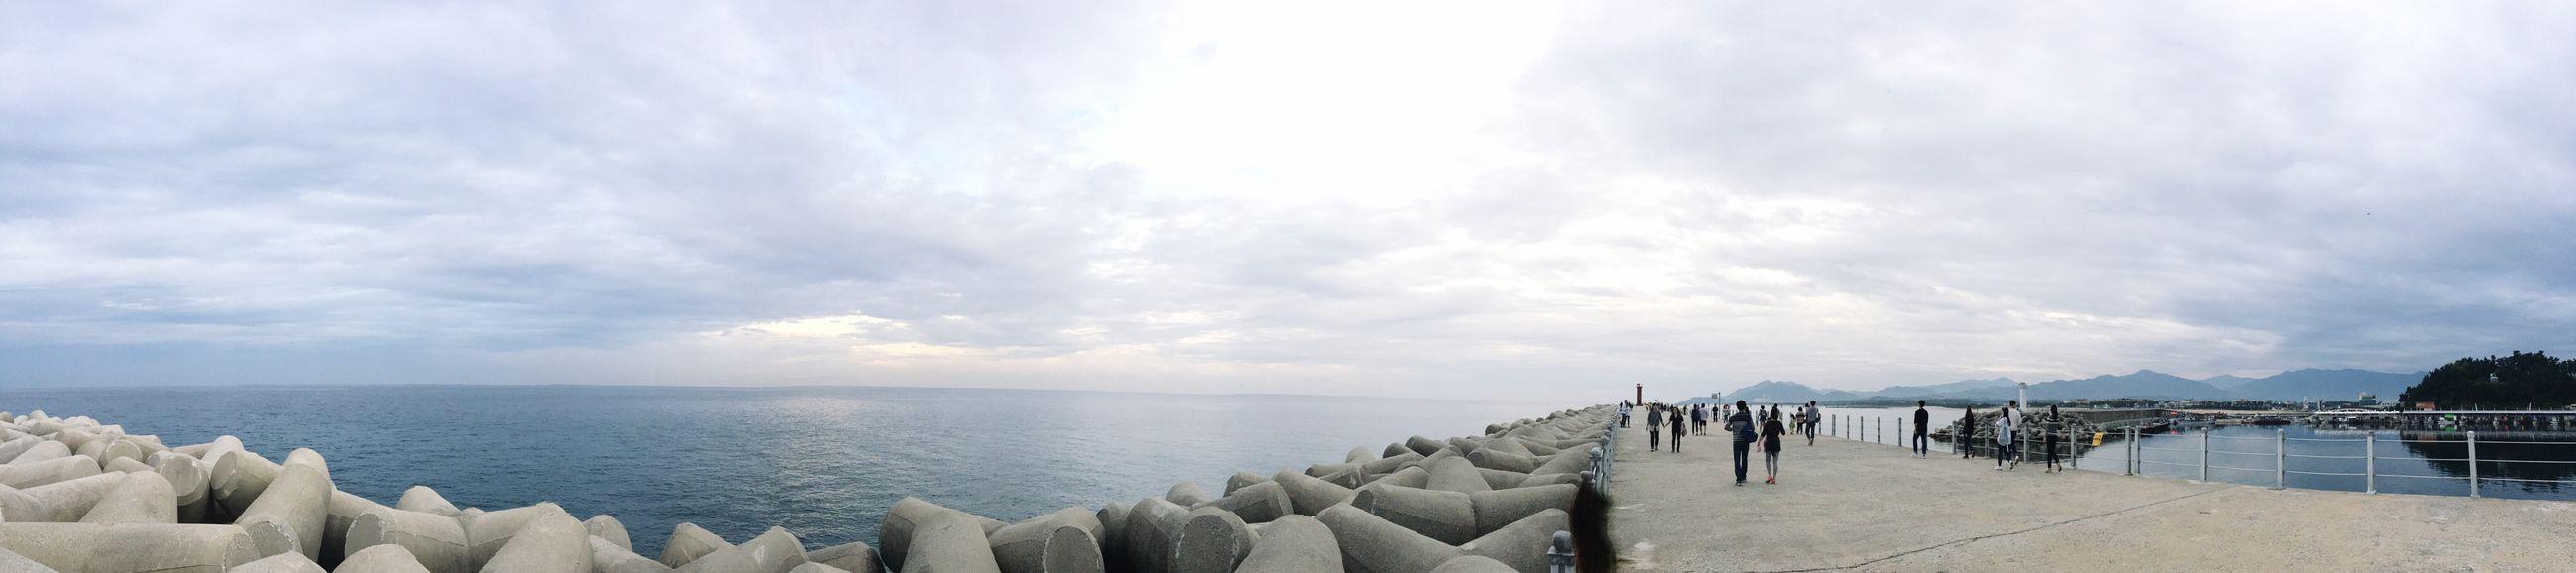 Sea Korea Quayside Port